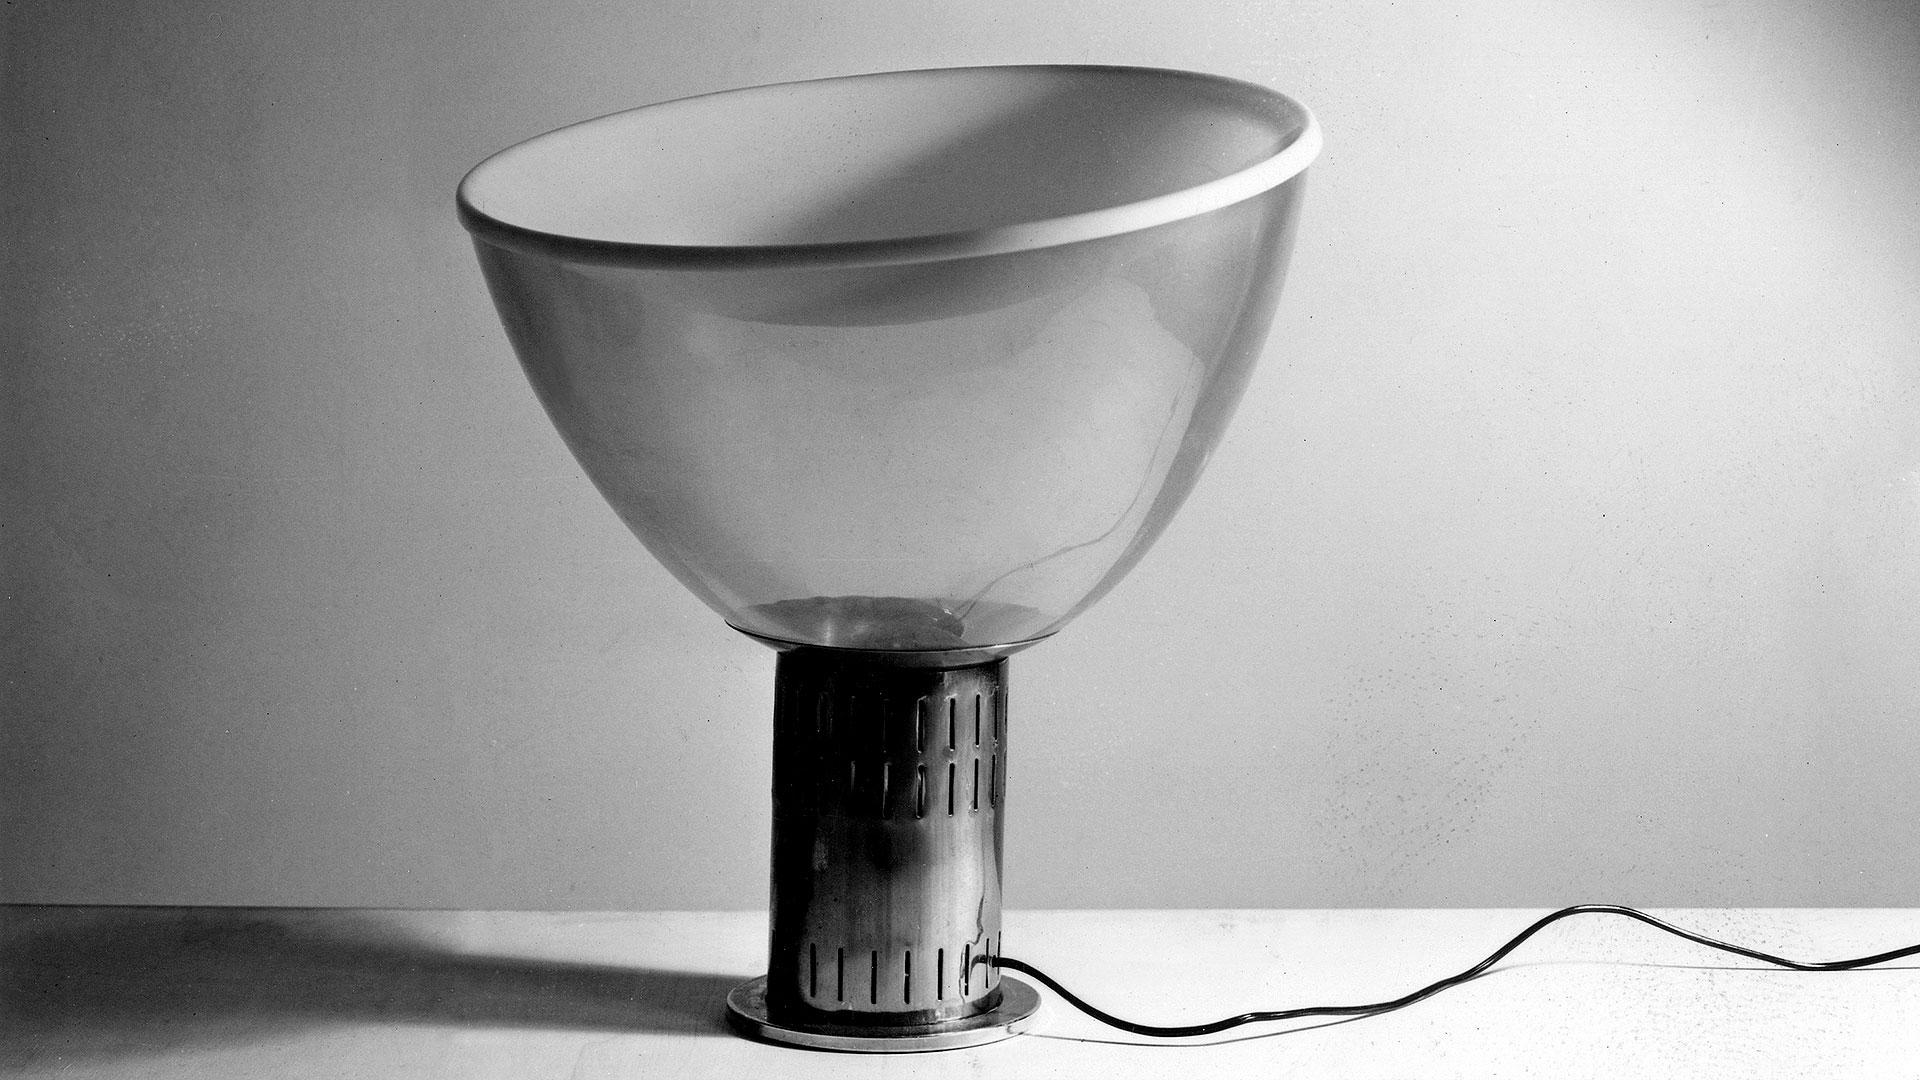 První prototyp svítidla Taccia. © Fondazione Achille Castiglioni